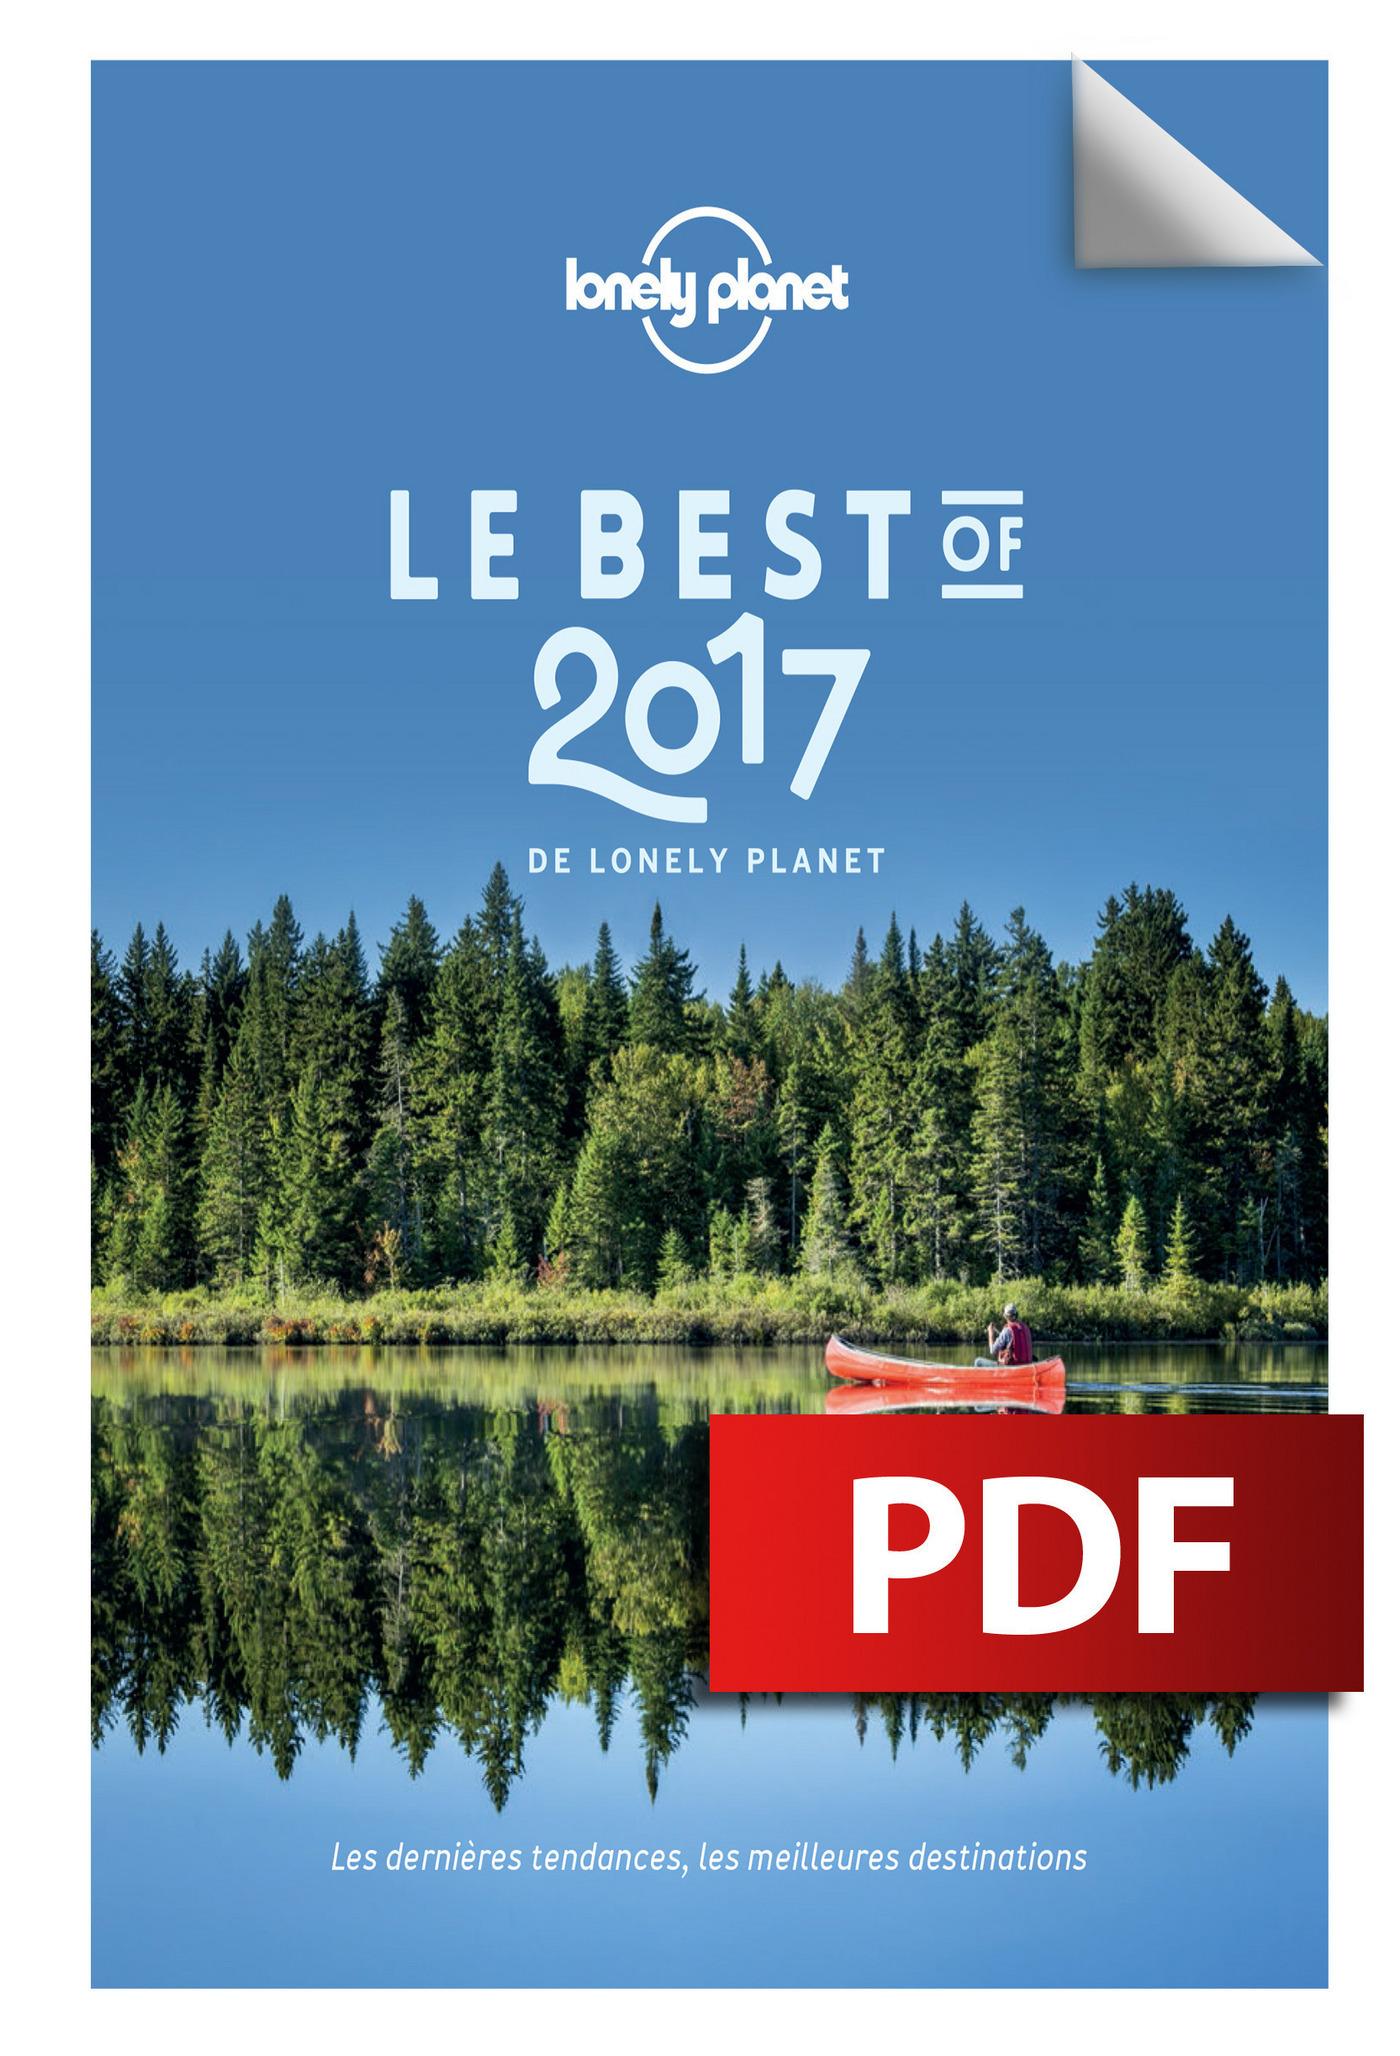 Le Best of 2017 de Lonely Planet